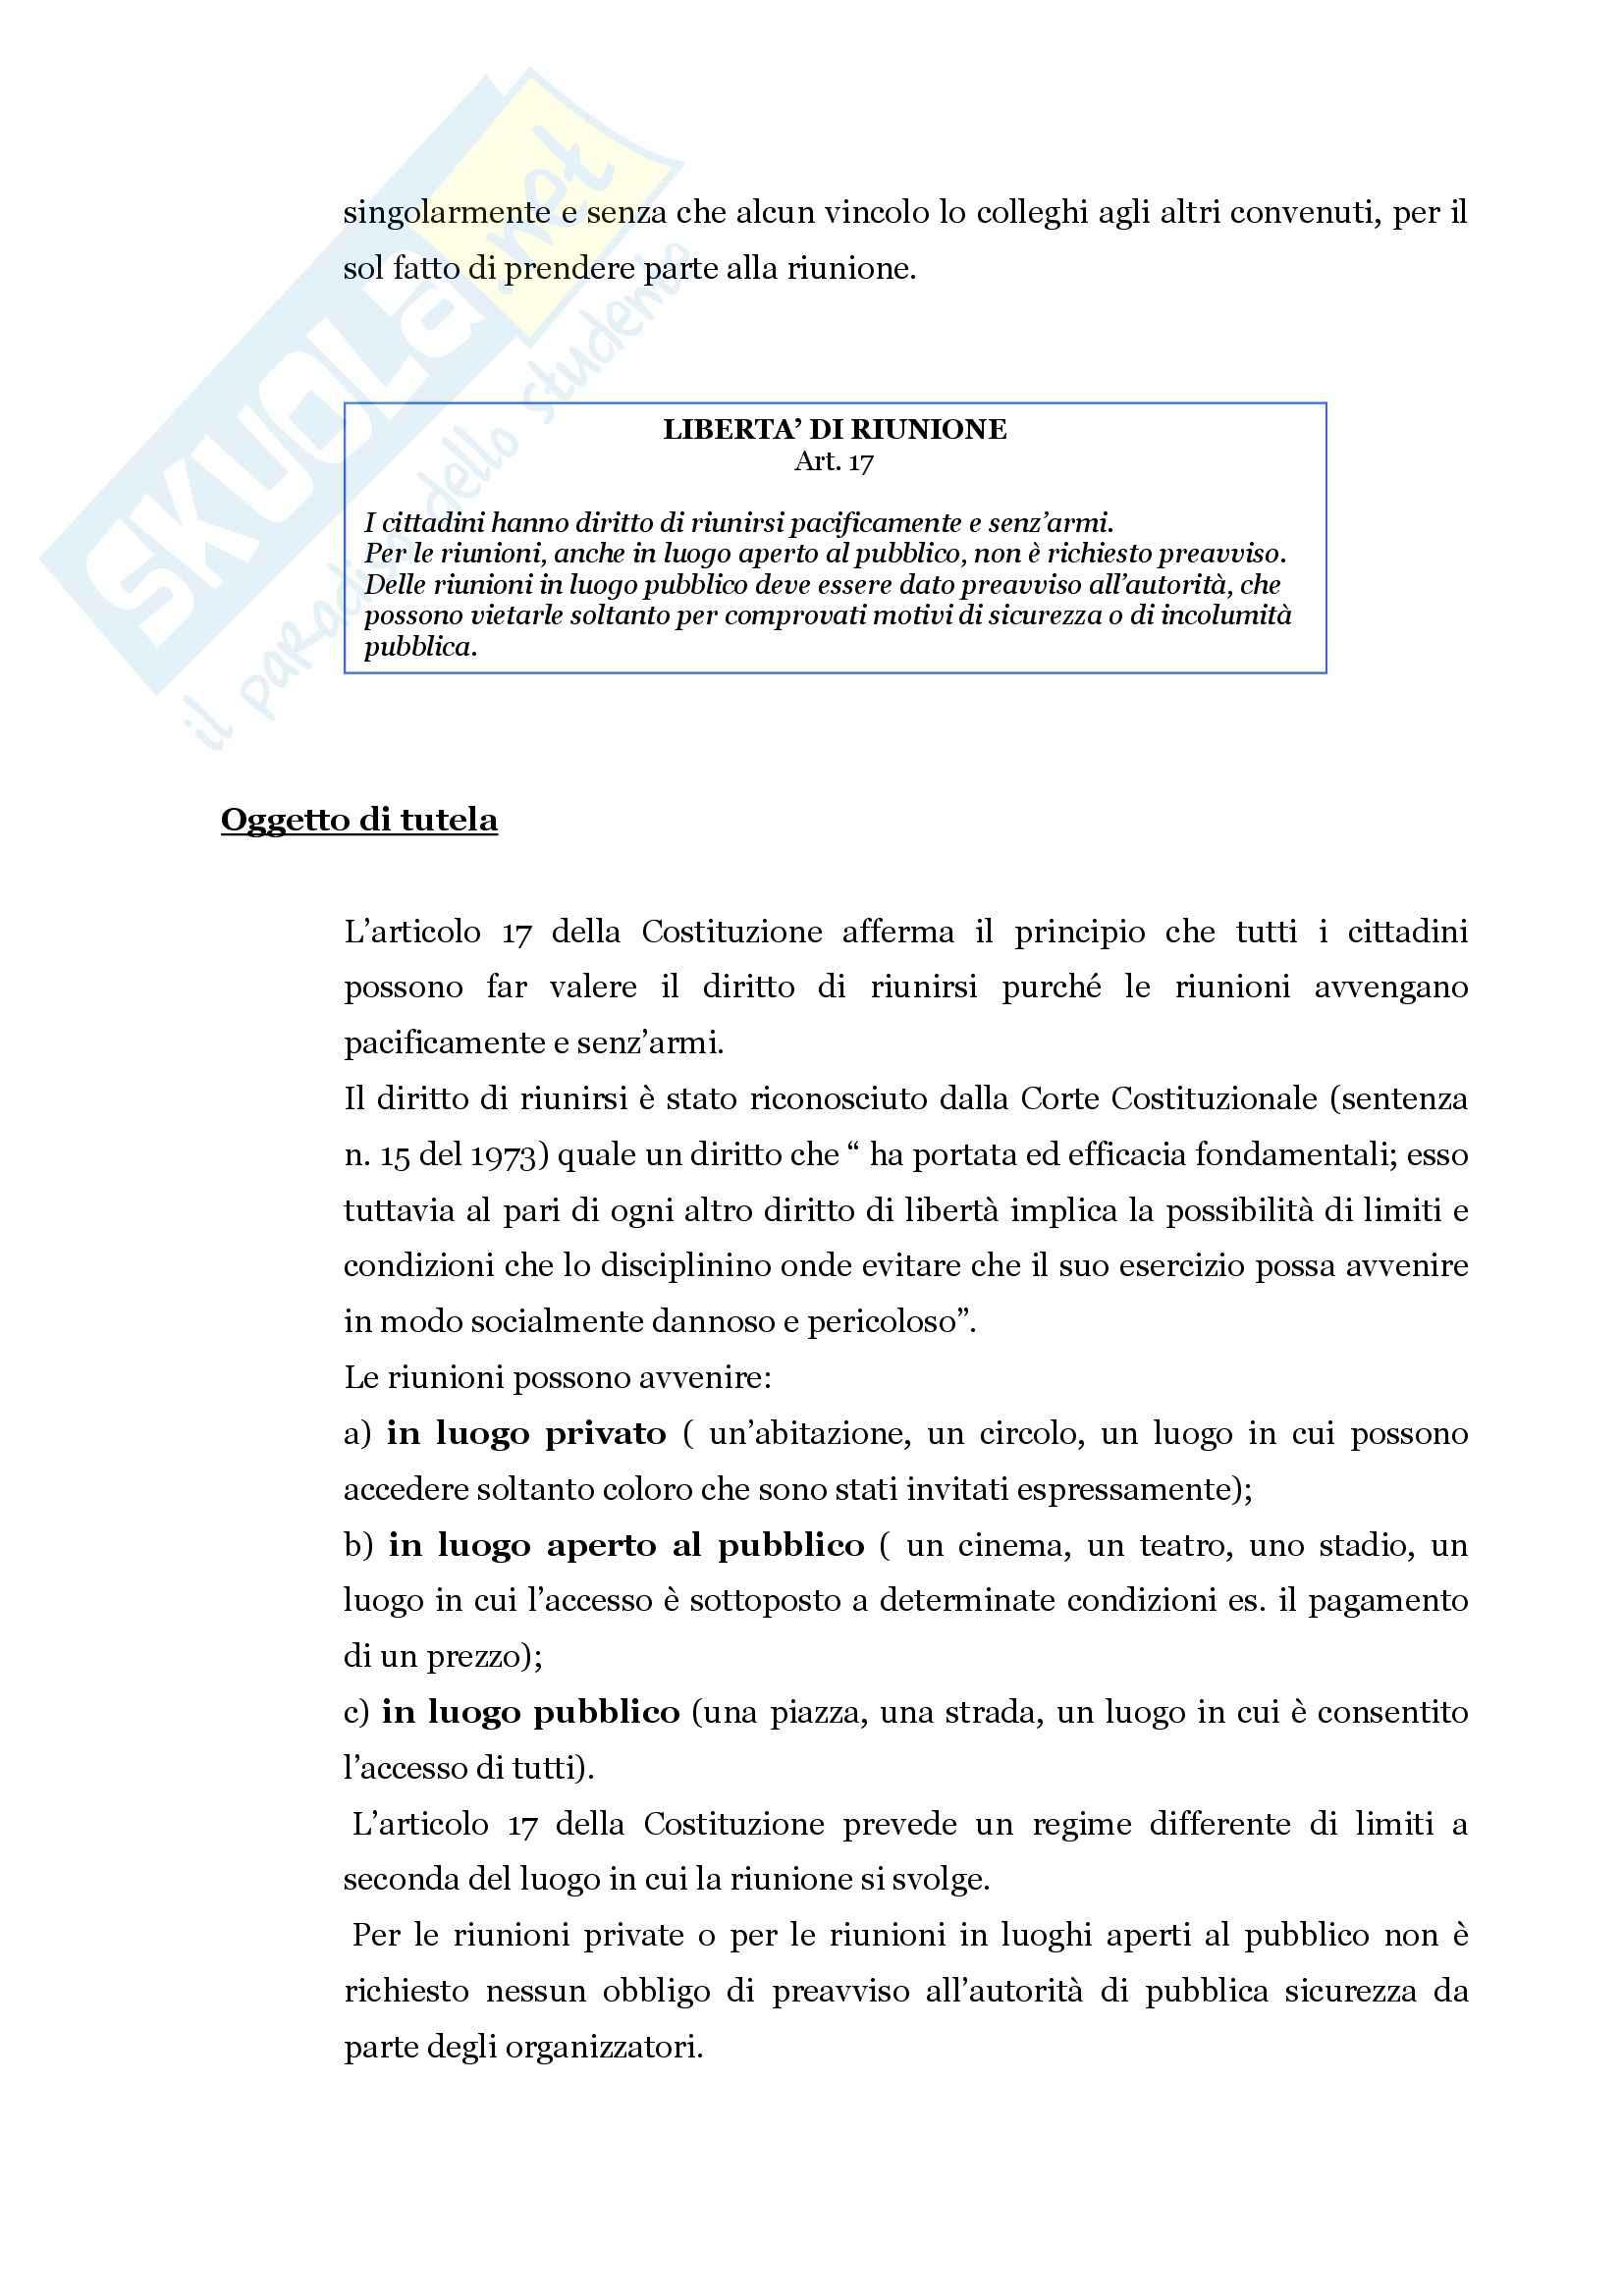 Istituzioni di Diritto pubblico - le libertà Pag. 21